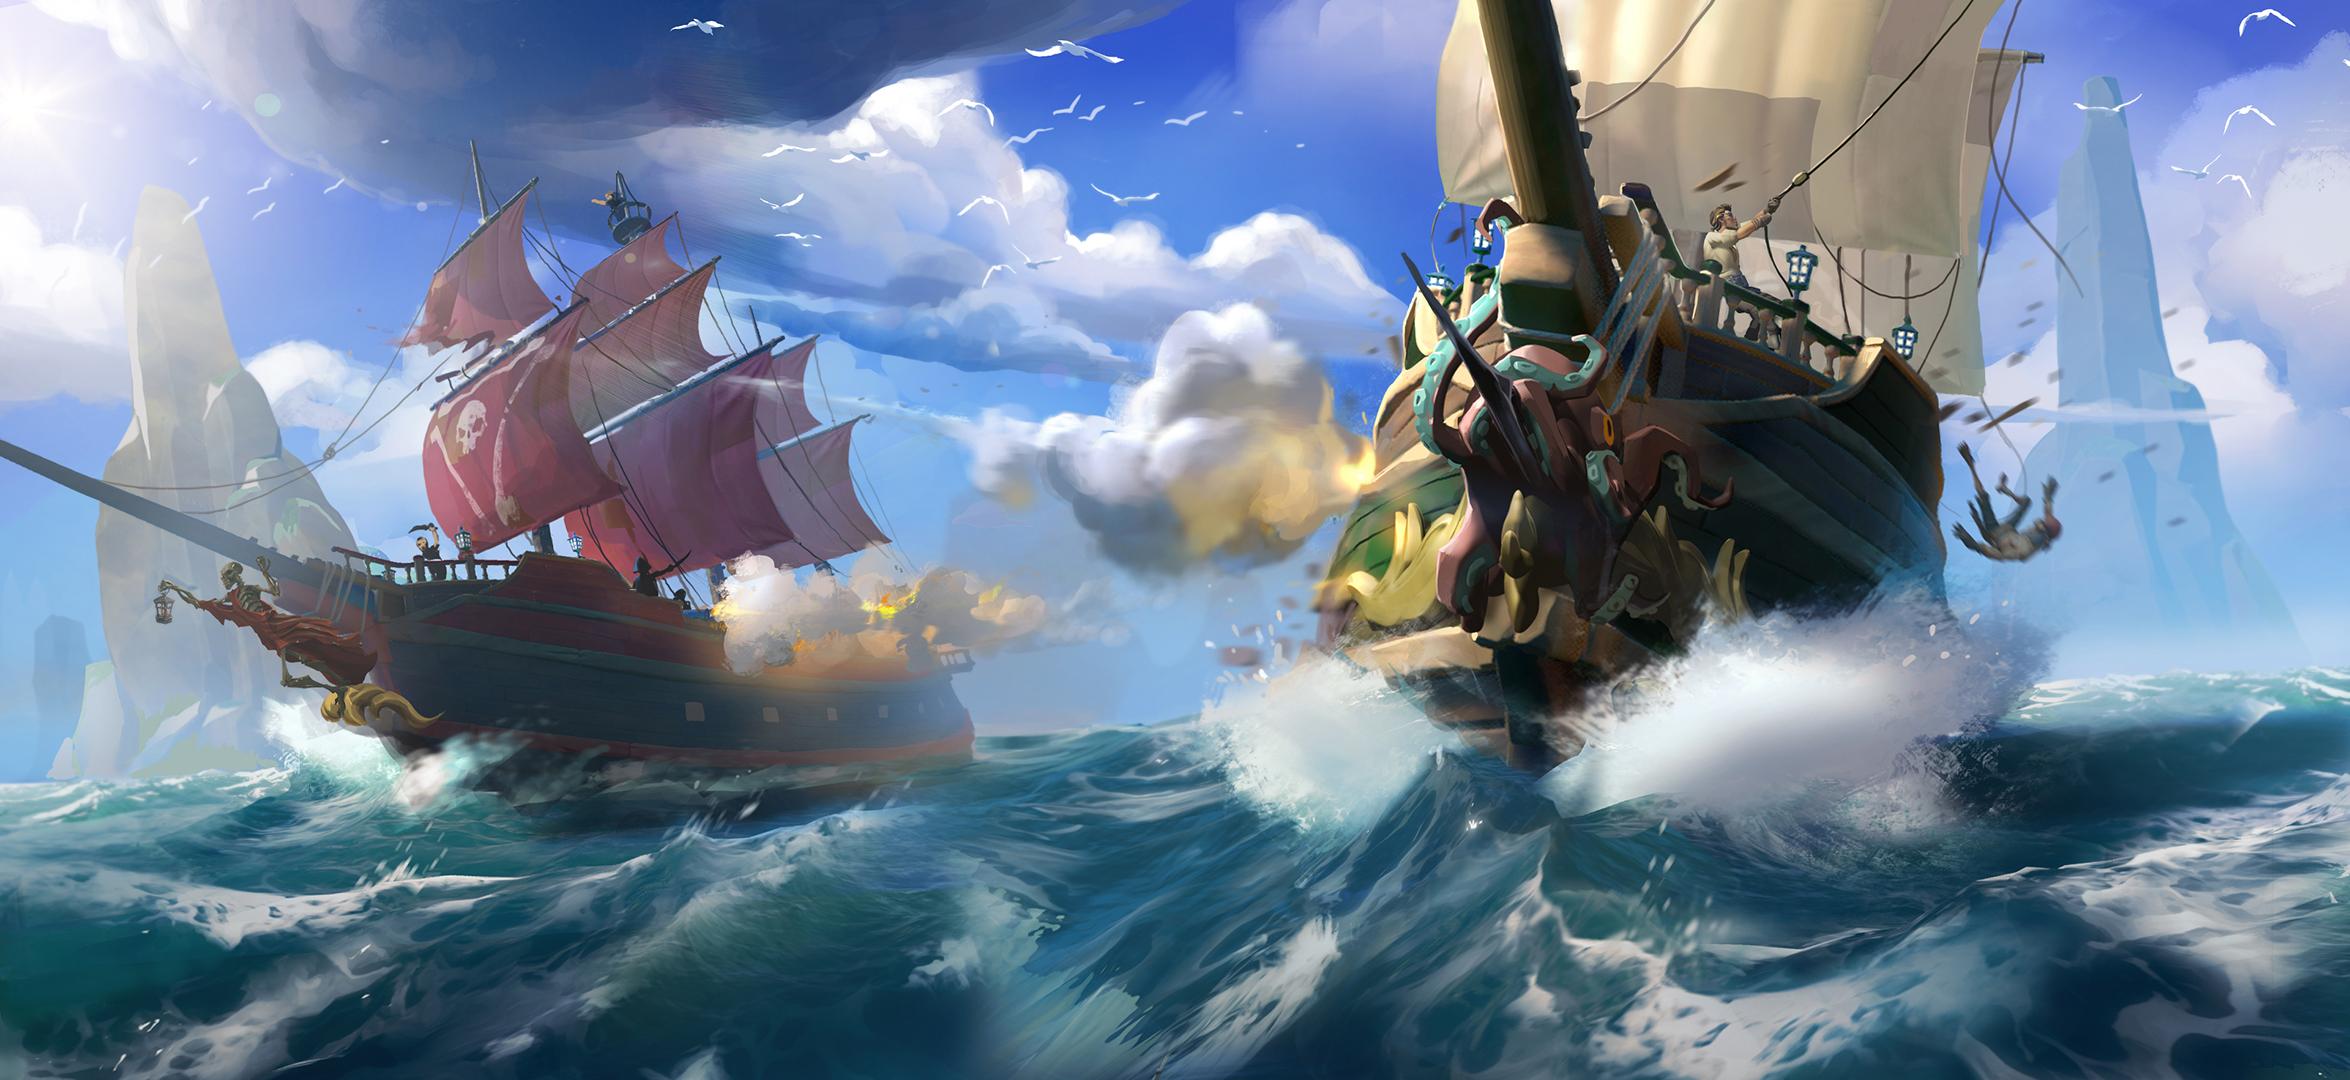 7 WONDERS IN Sea of Thieves | Sea of Thieves Forum